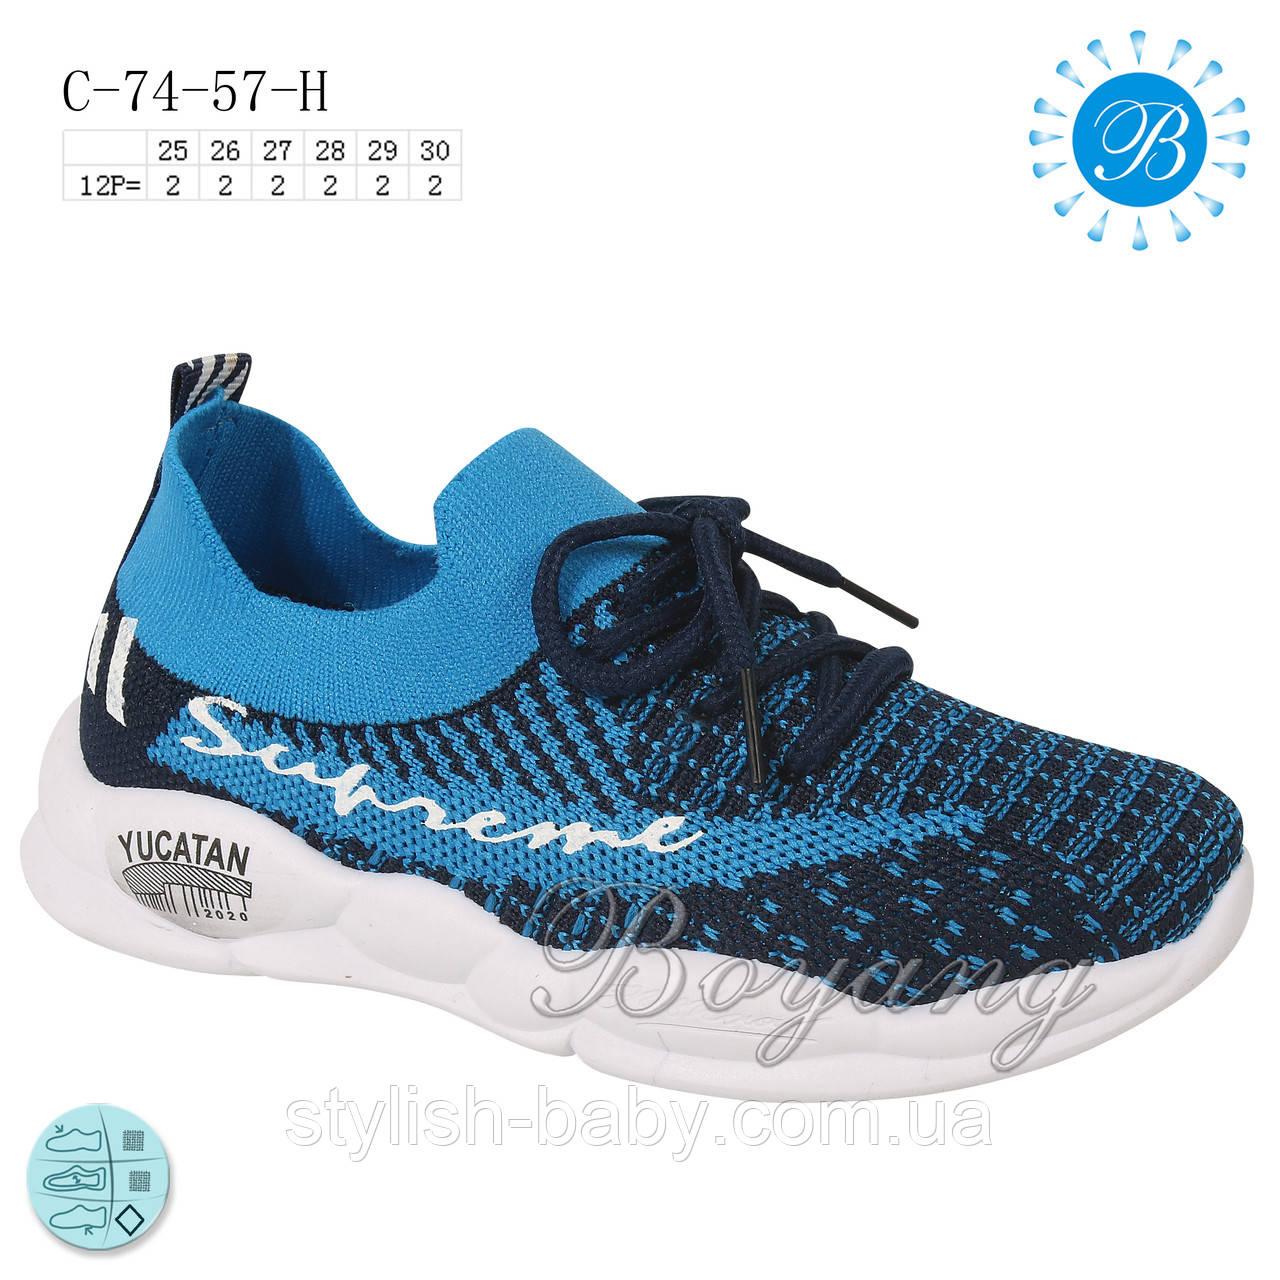 Детская обувь 2020 оптом. Детская спортивная обувь бренда Tom.m - Boyang для мальчиков (рр. с 25 по 30)